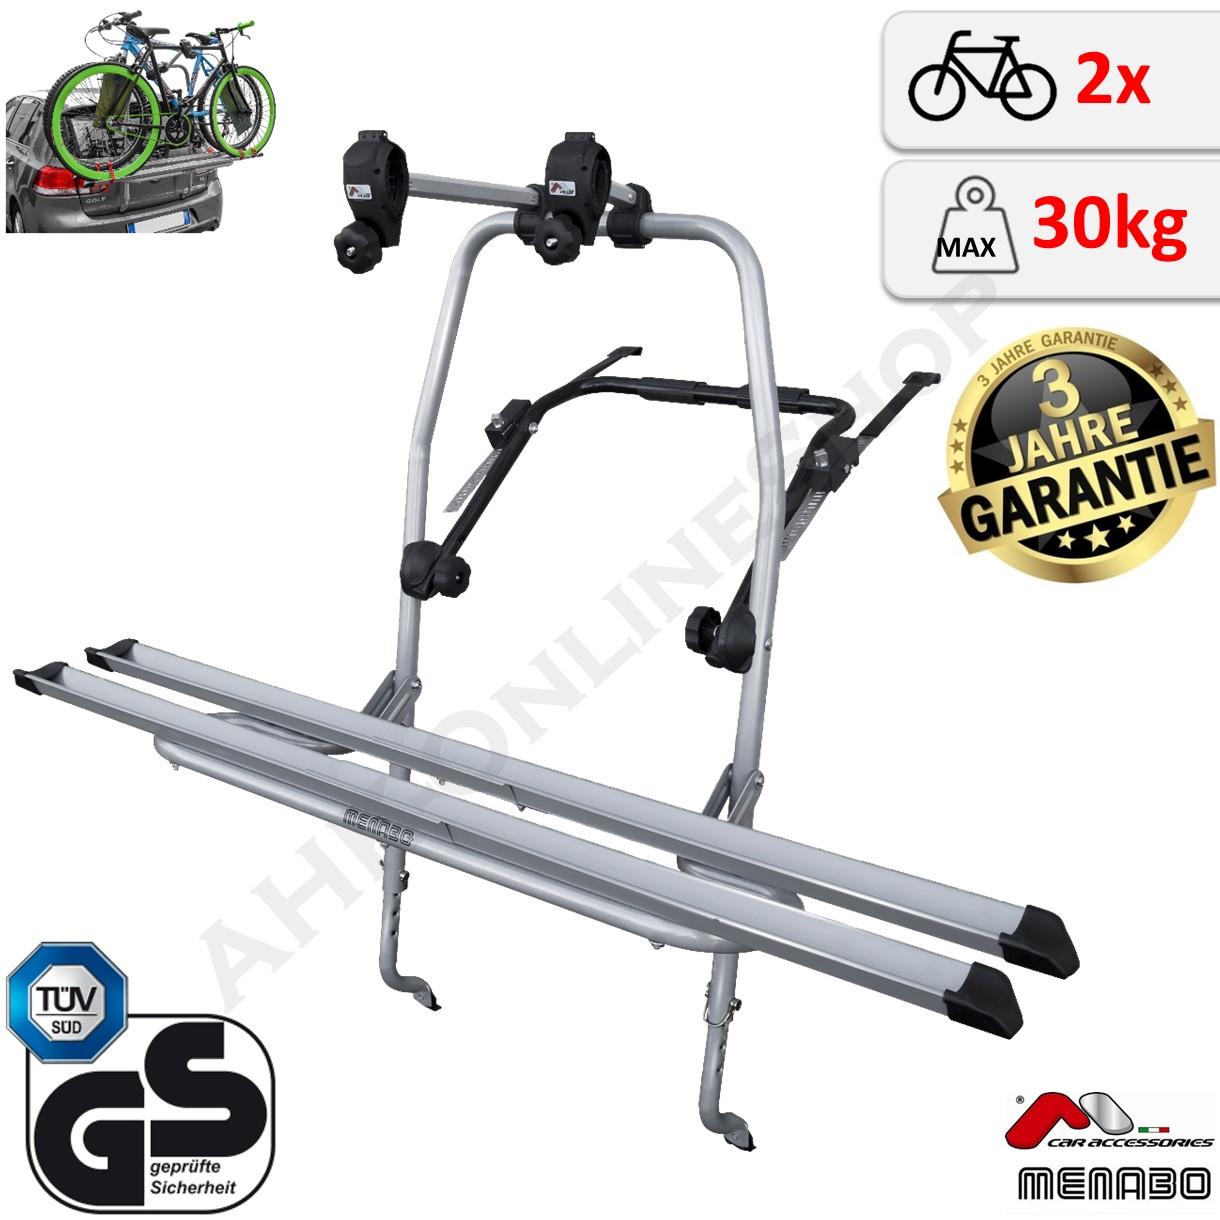 Heckträger Travel Fahrradträger kompatibel mit Citroen C2 03-09